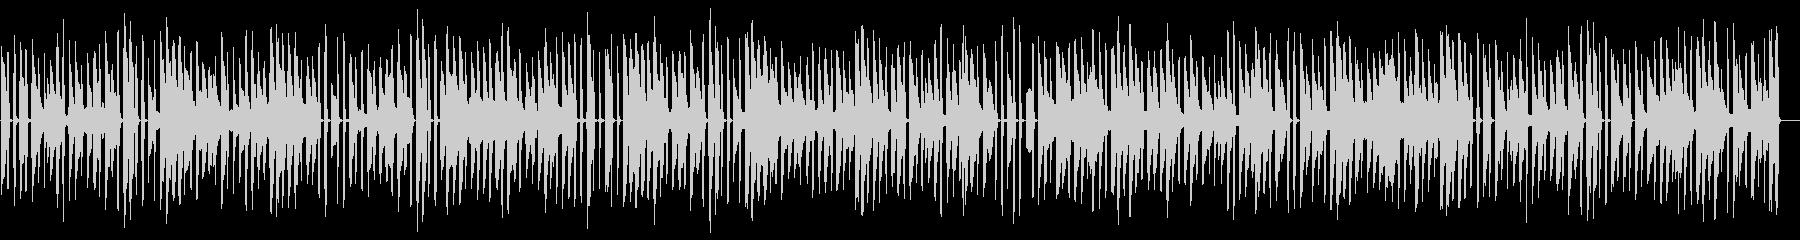 少し調子外れのホンキートンクピアノの未再生の波形